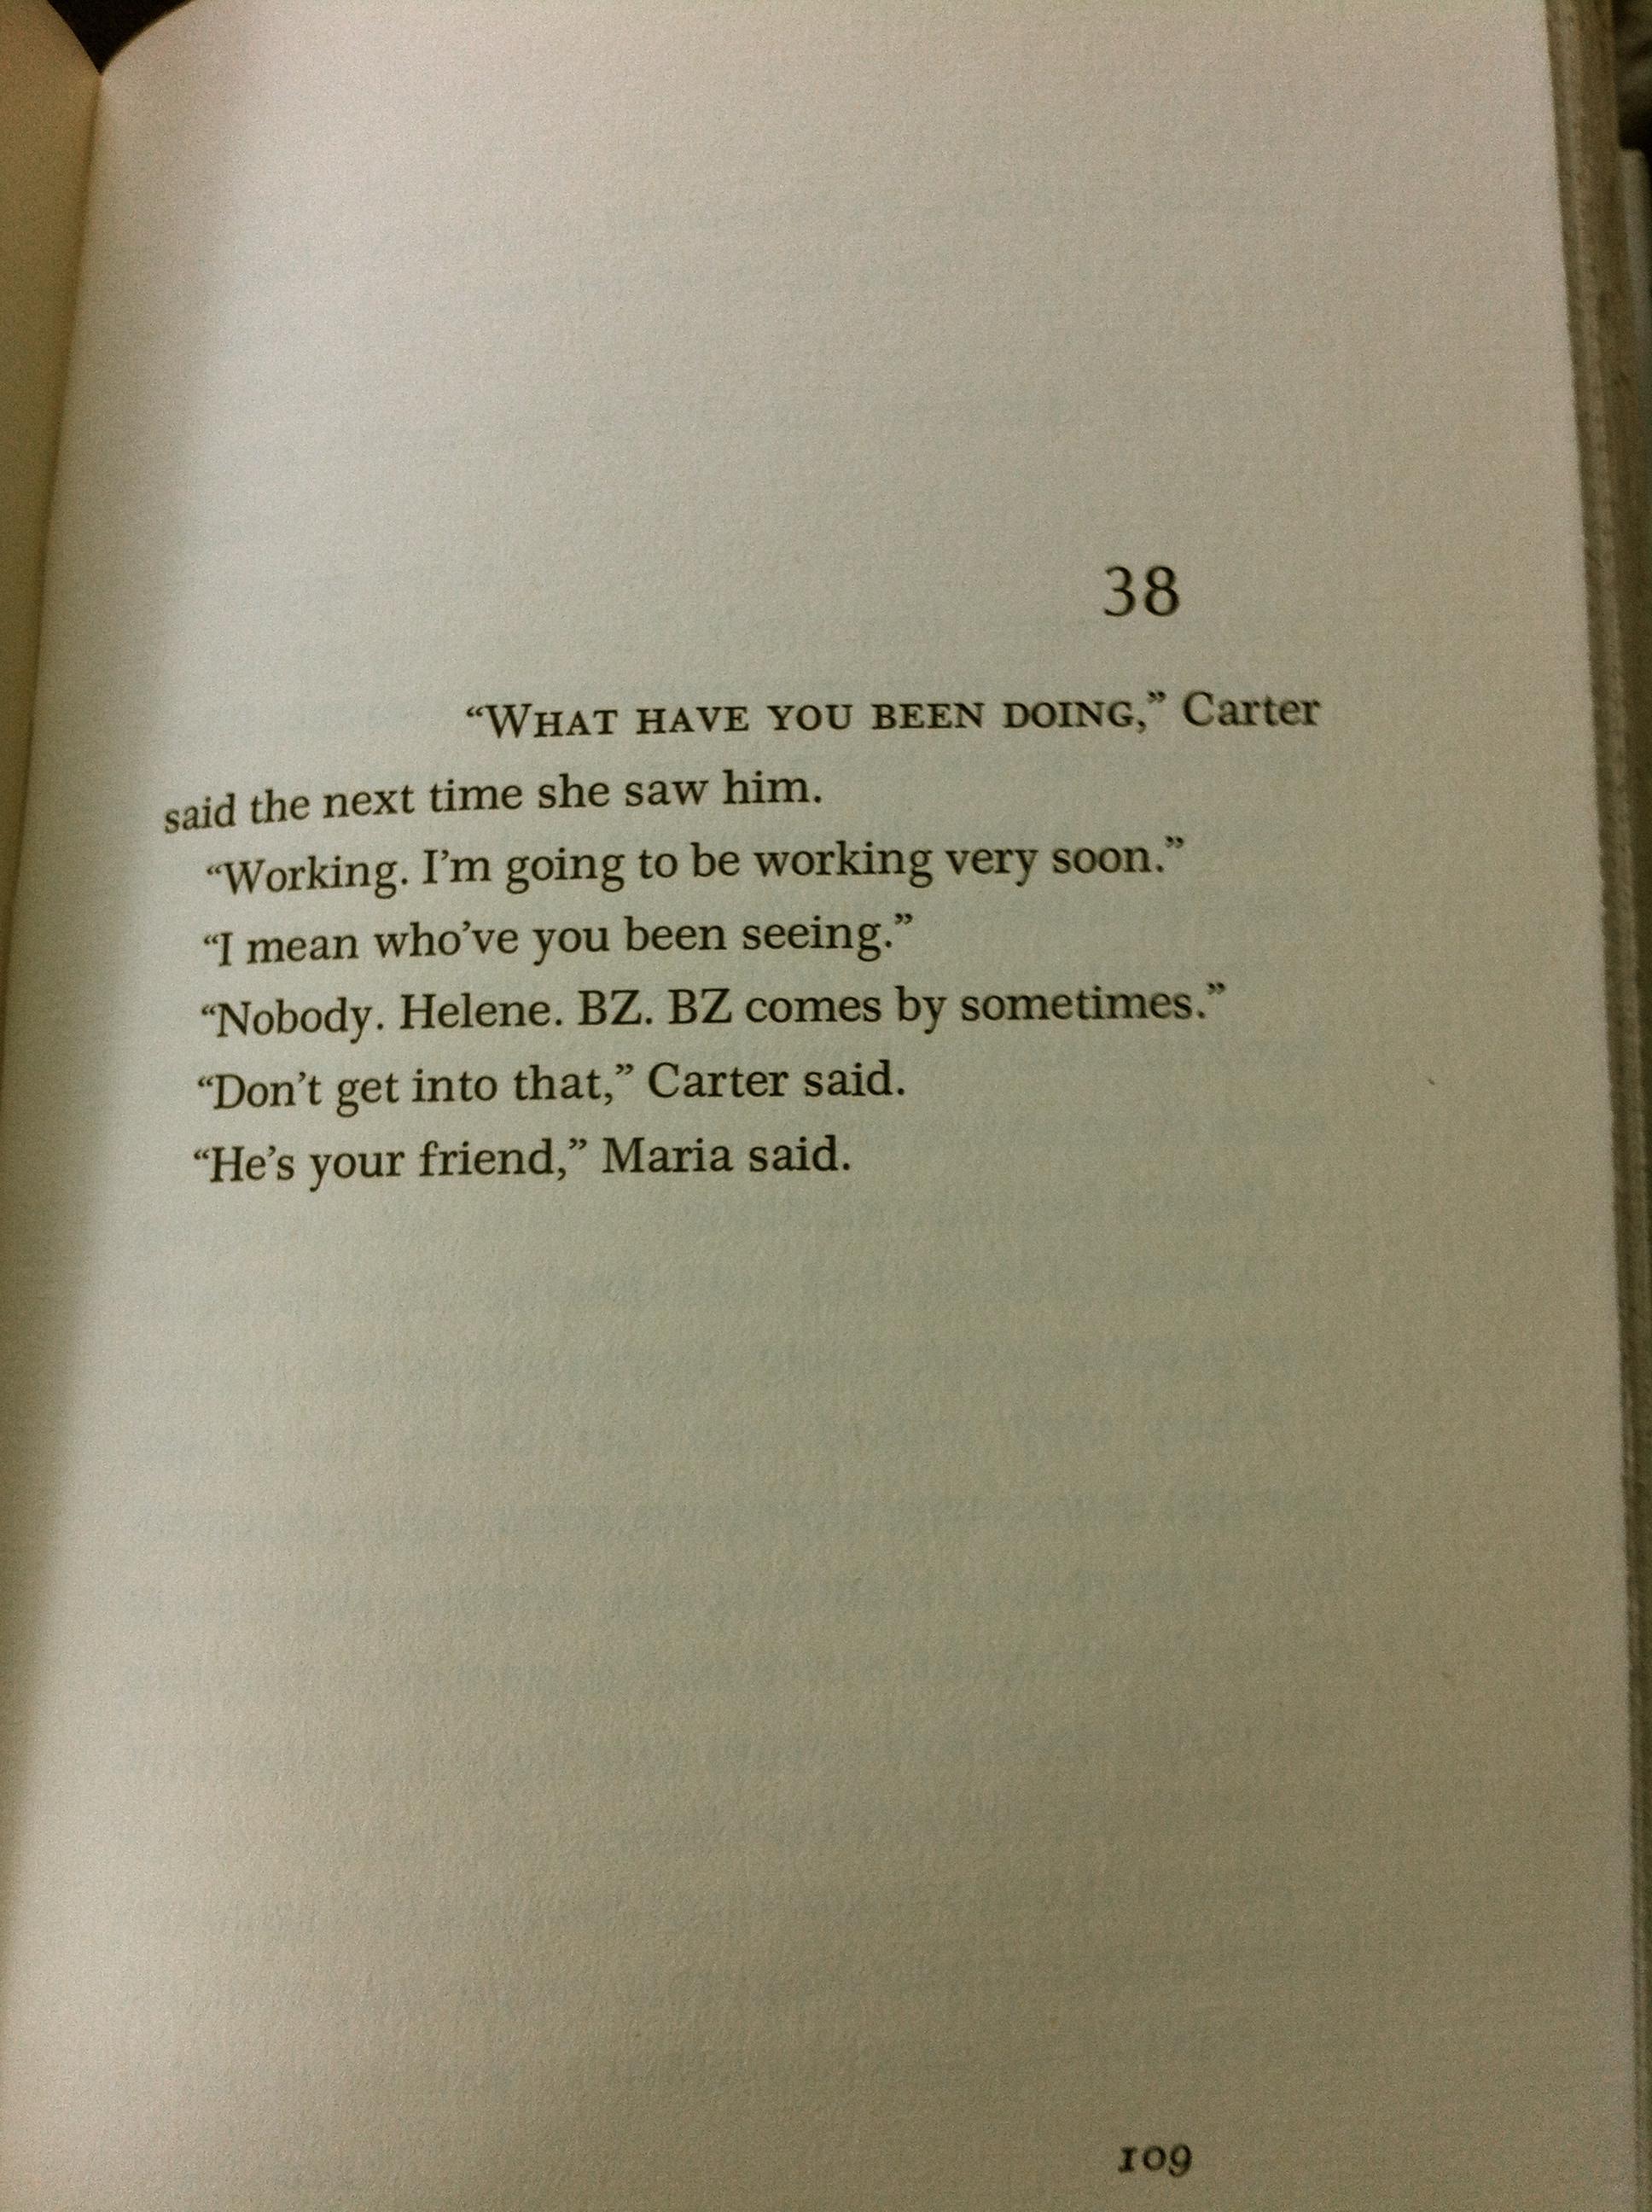 sonnys blues quotes